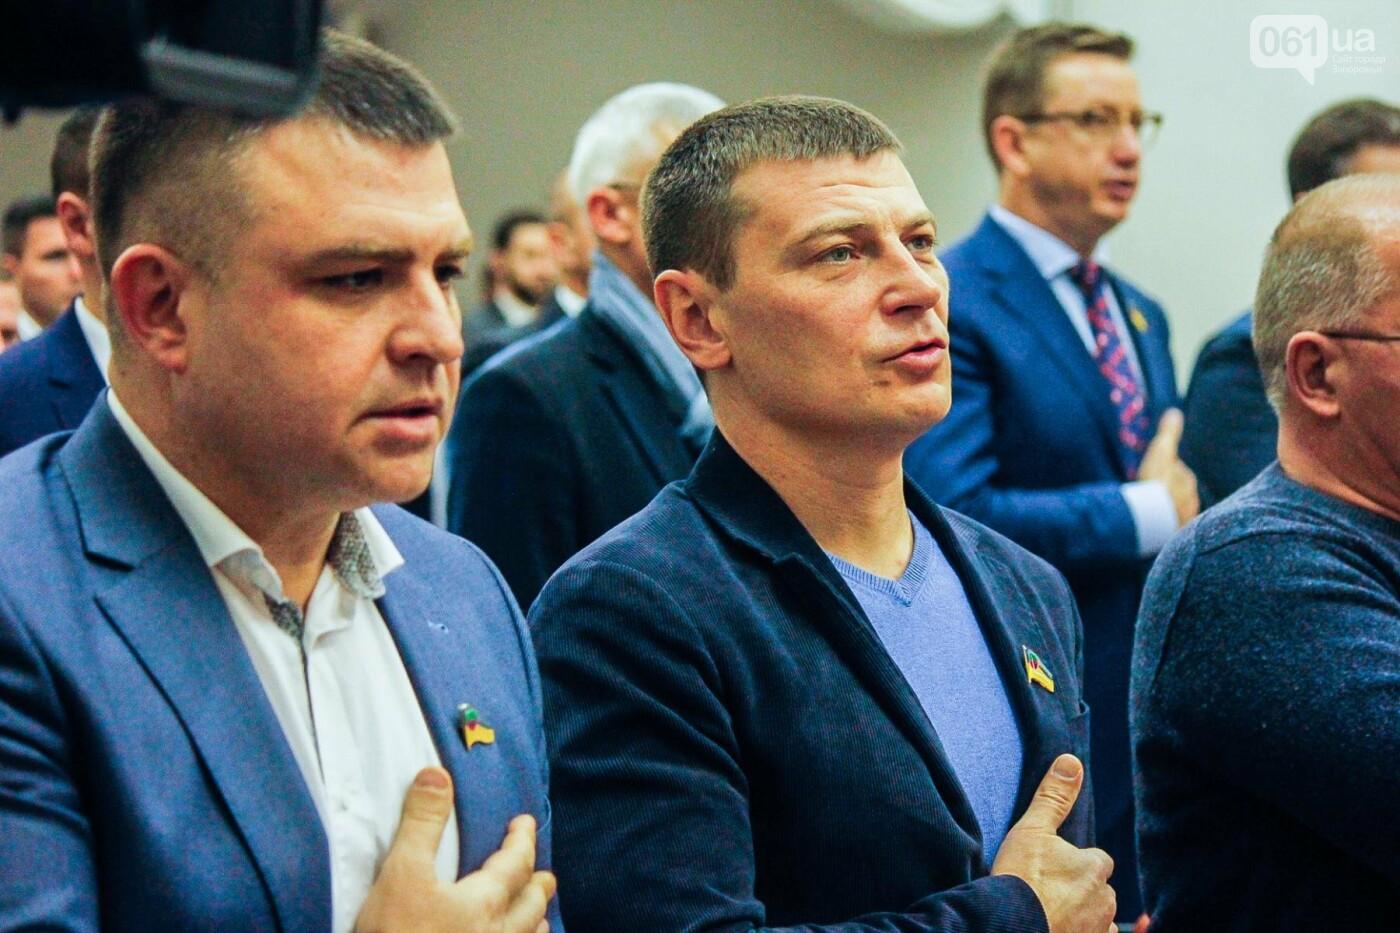 Сессия запорожского горсовета в лицах, - ФОТОРЕПОРТАЖ, фото-65